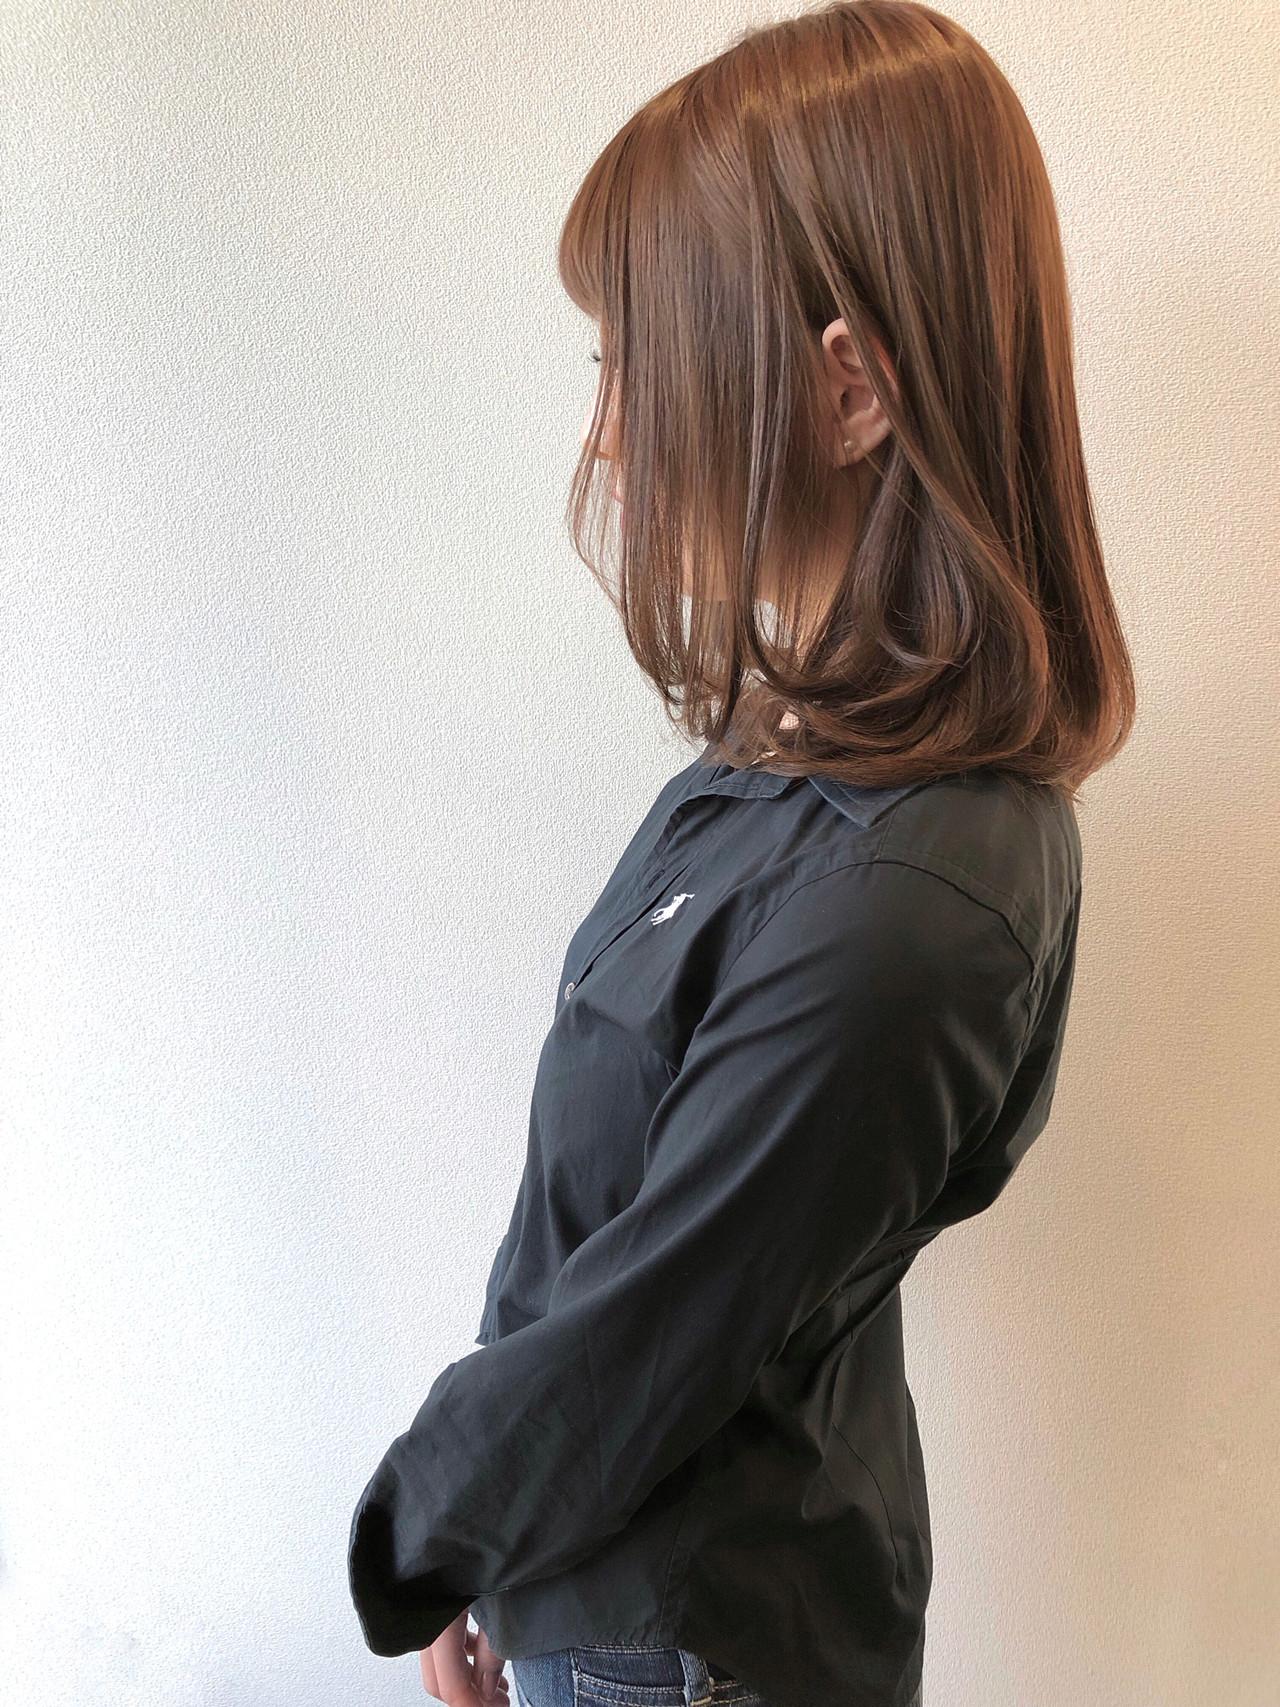 ベージュ アッシュベージュ 秋冬スタイル ミディアム ヘアスタイルや髪型の写真・画像